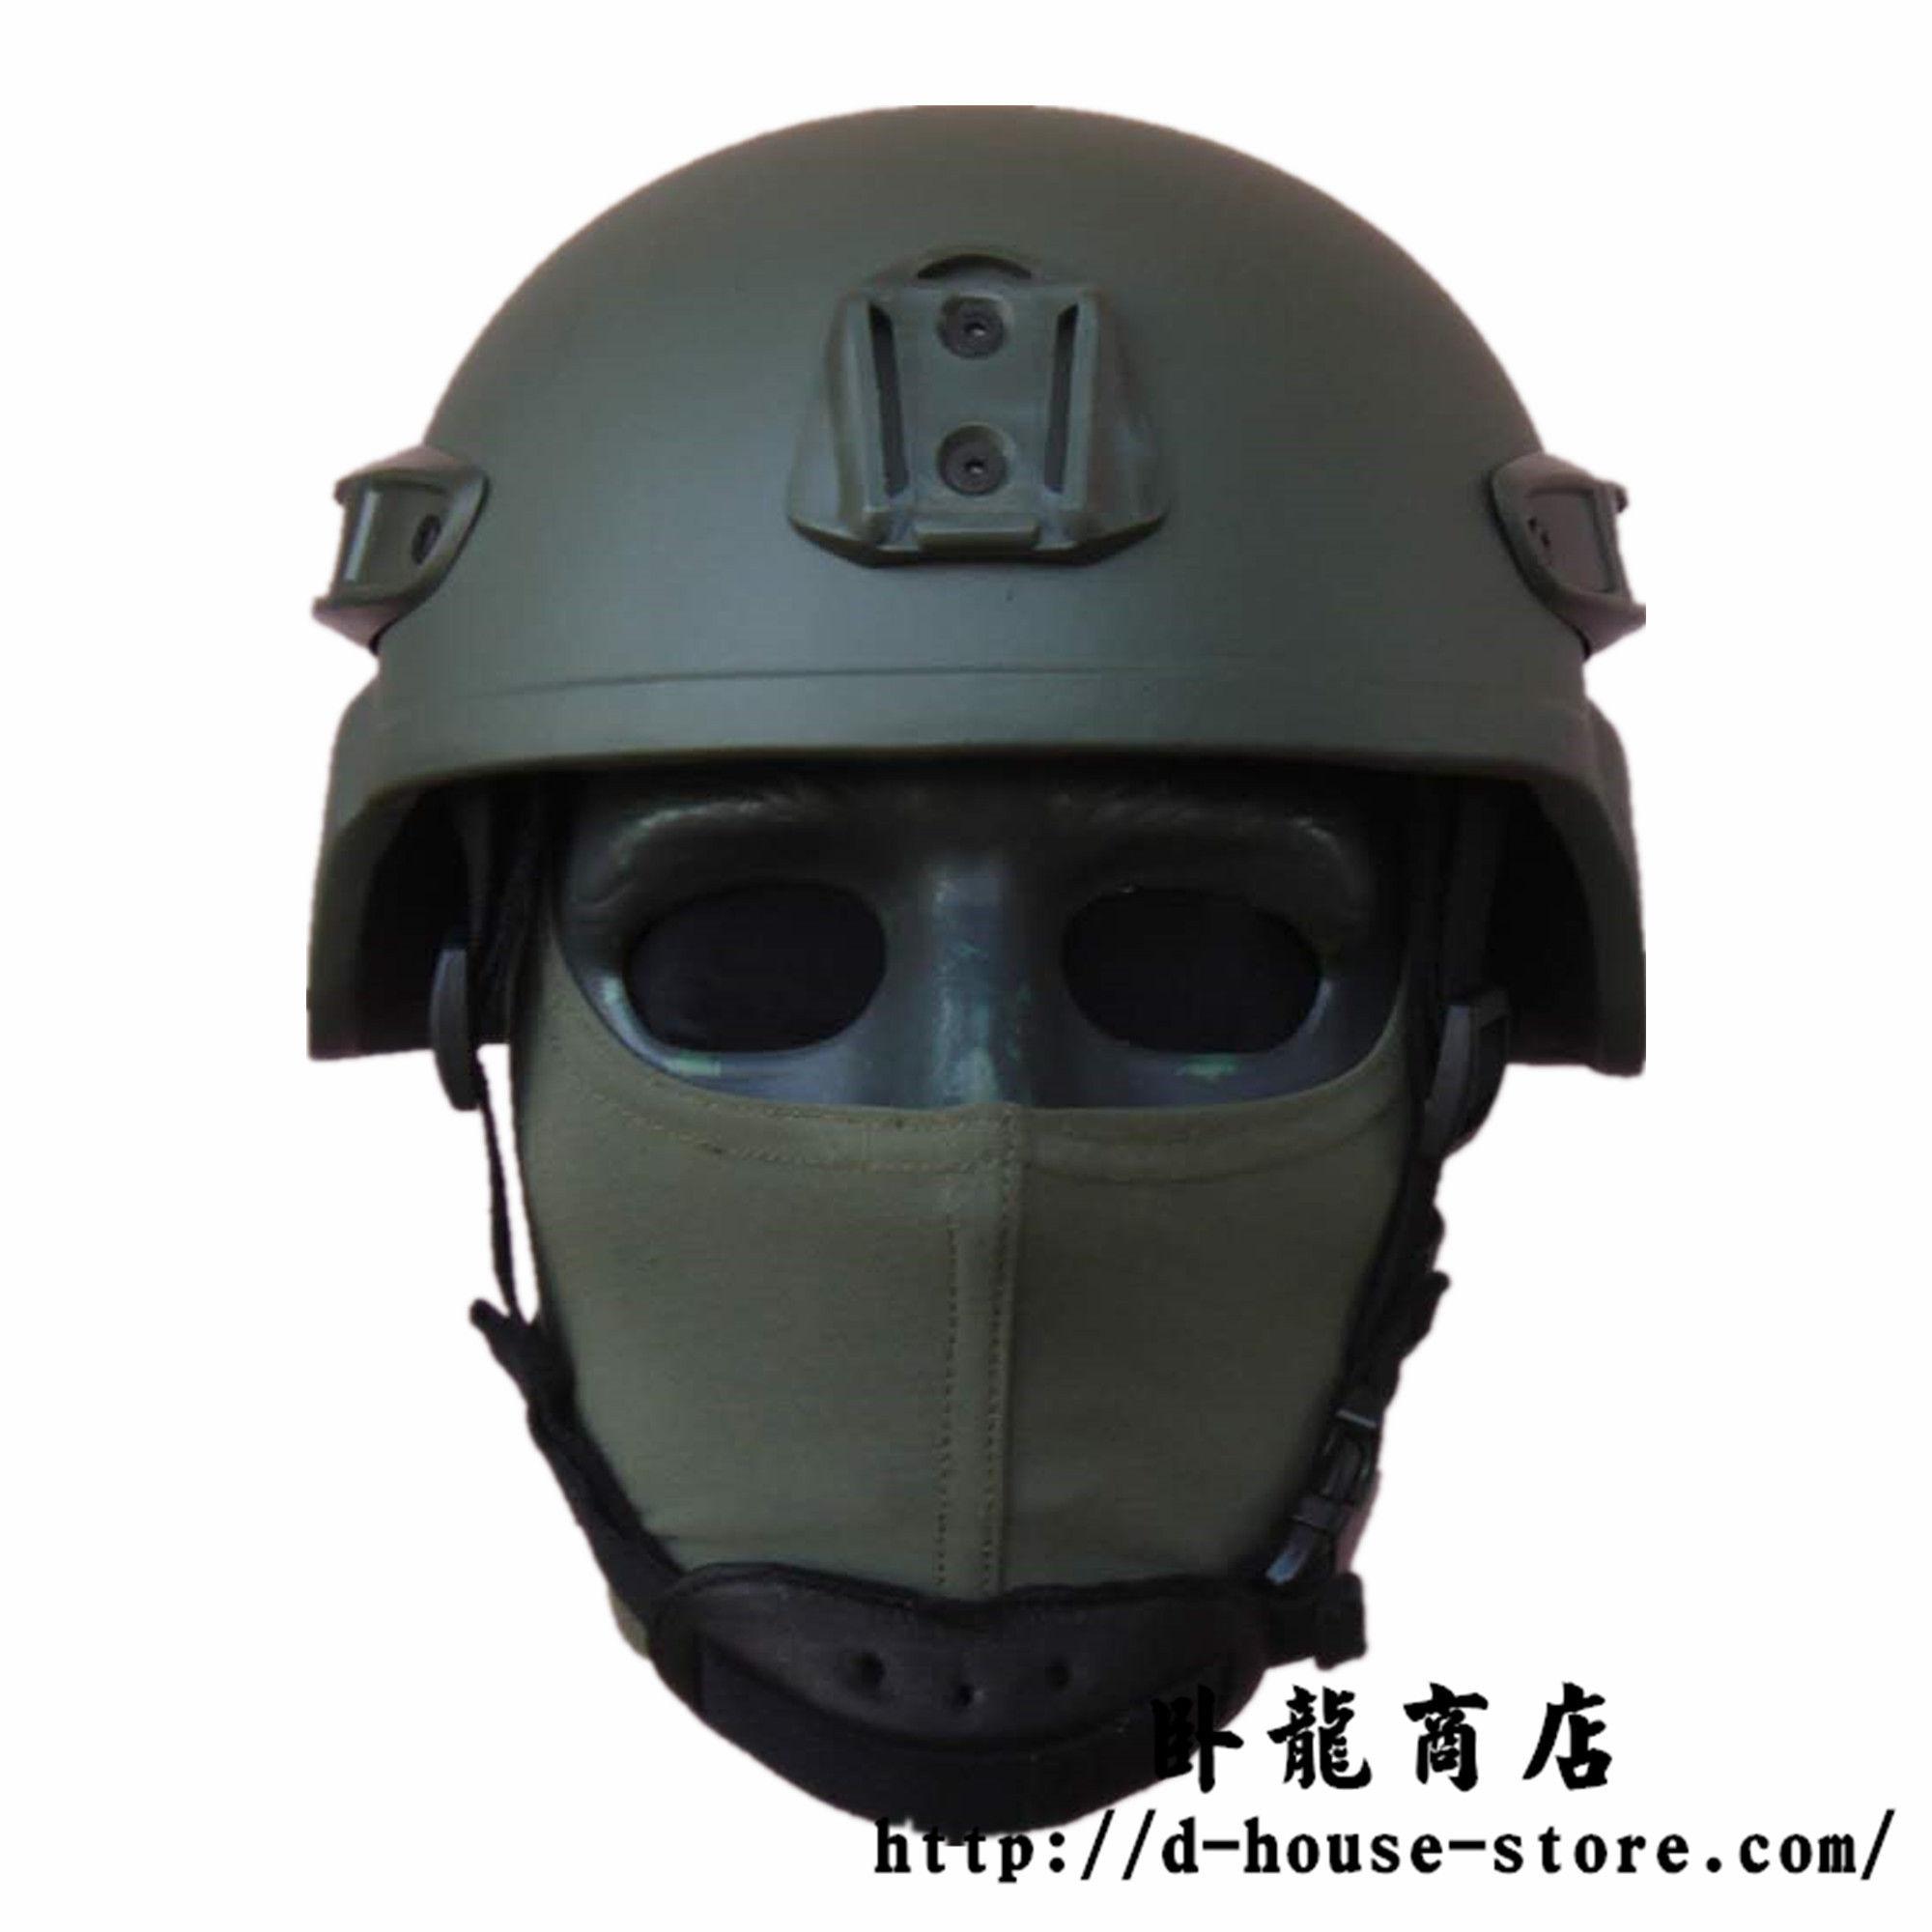 中国人民解放軍 15式防弾ヘルメット レール付きタイプ 実物